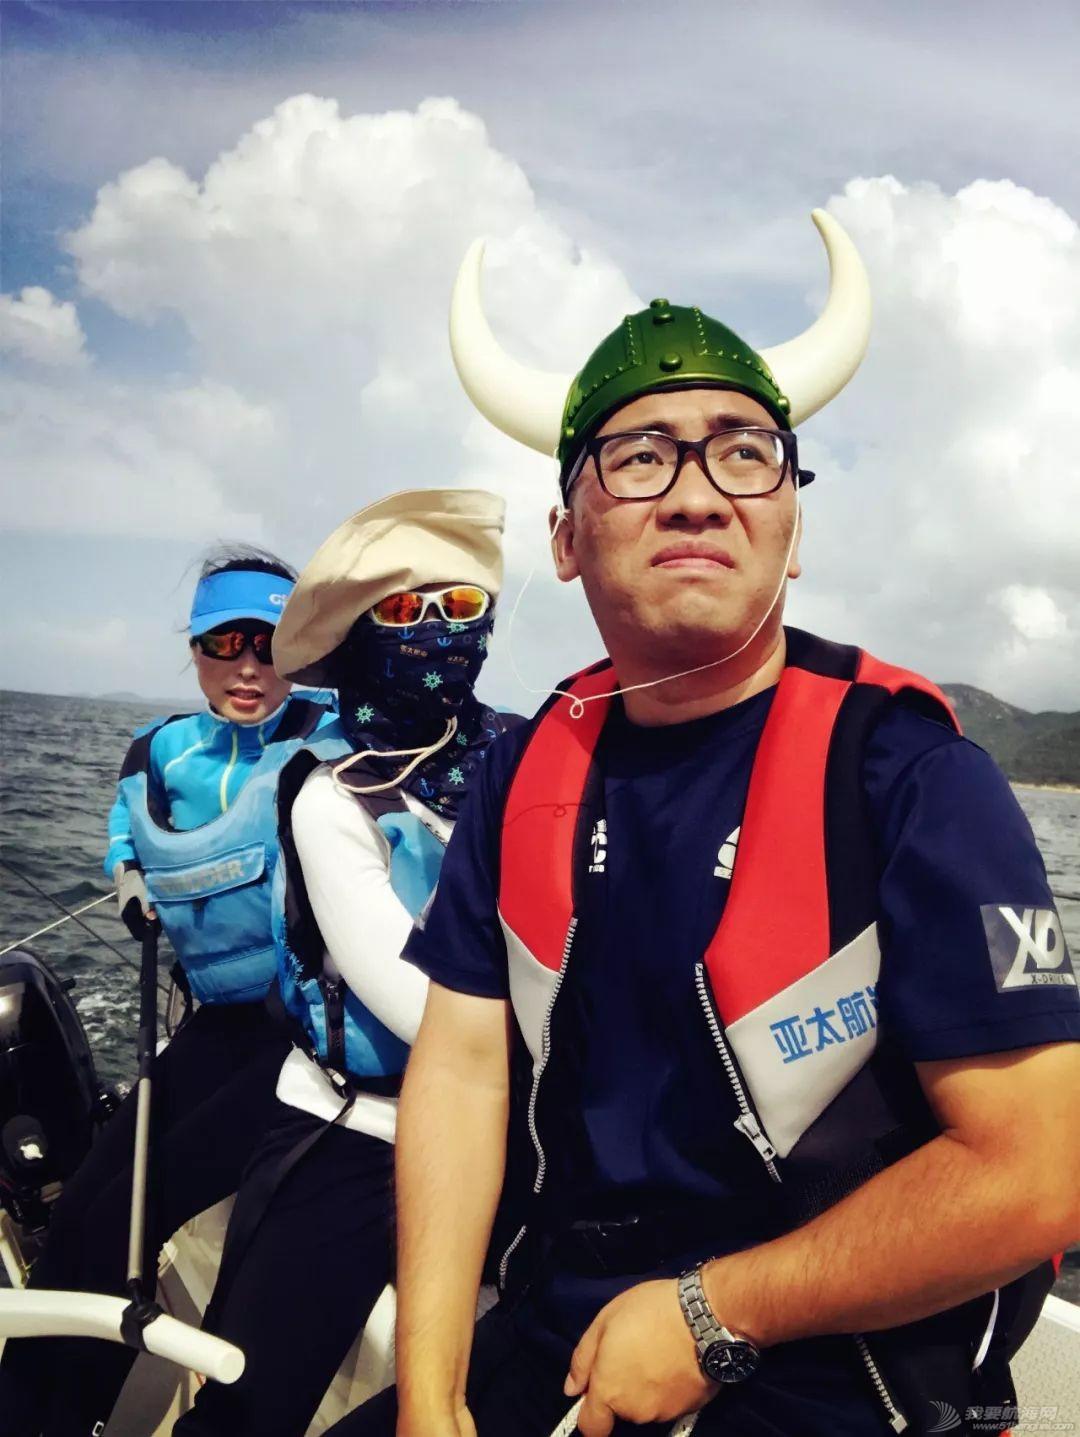 绿帽子事件:航海人就活该戴绿帽子?w1.jpg